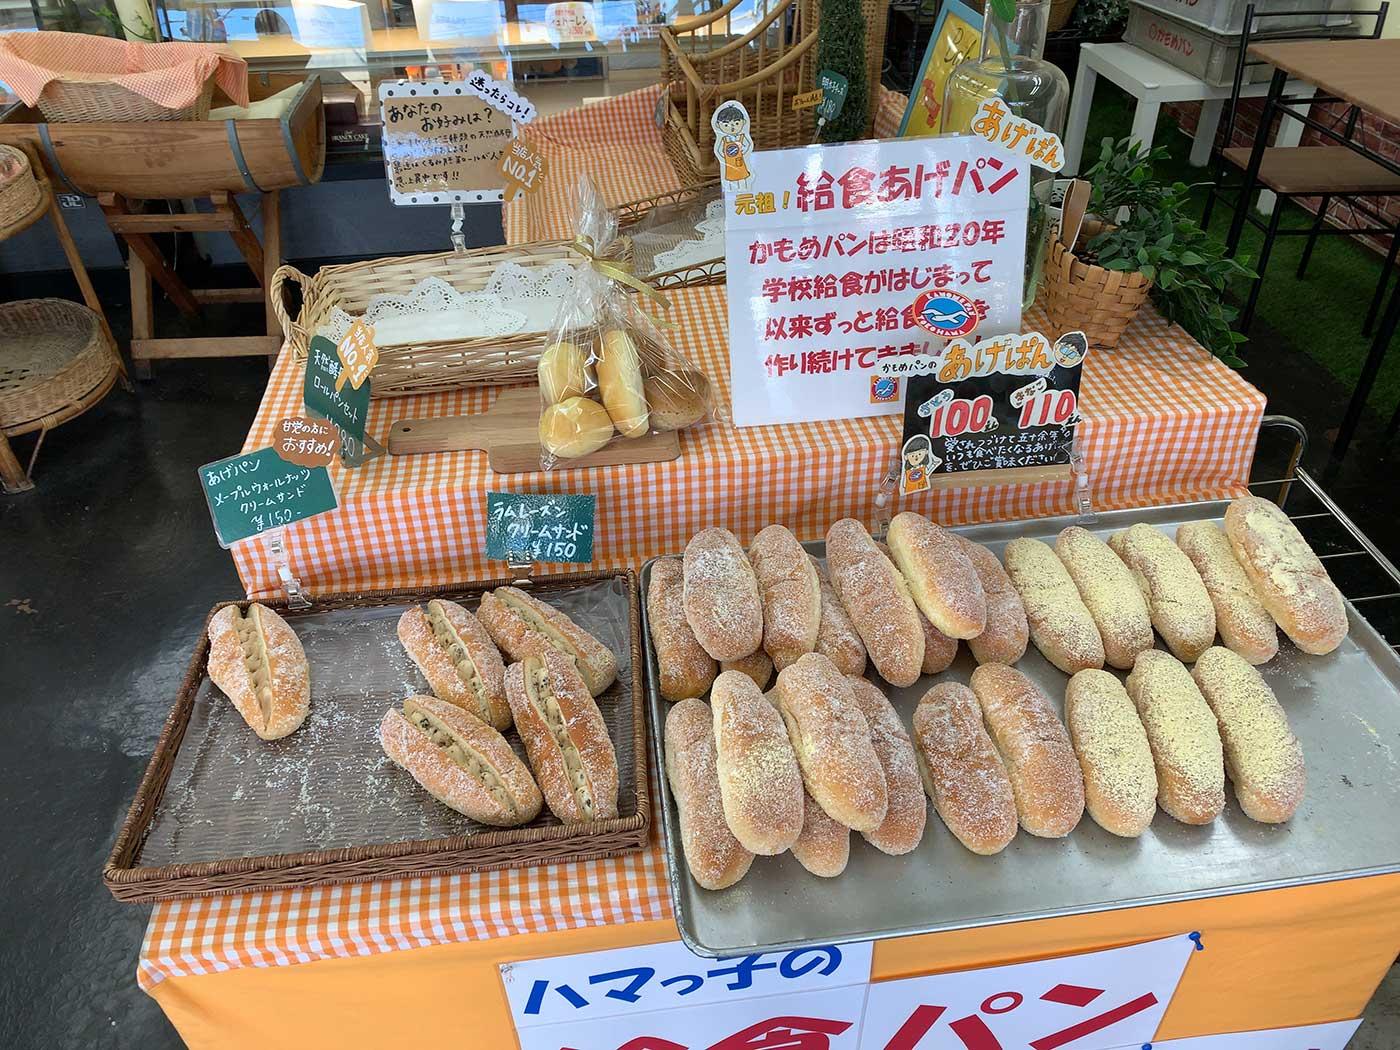 かもめパンの揚げパン